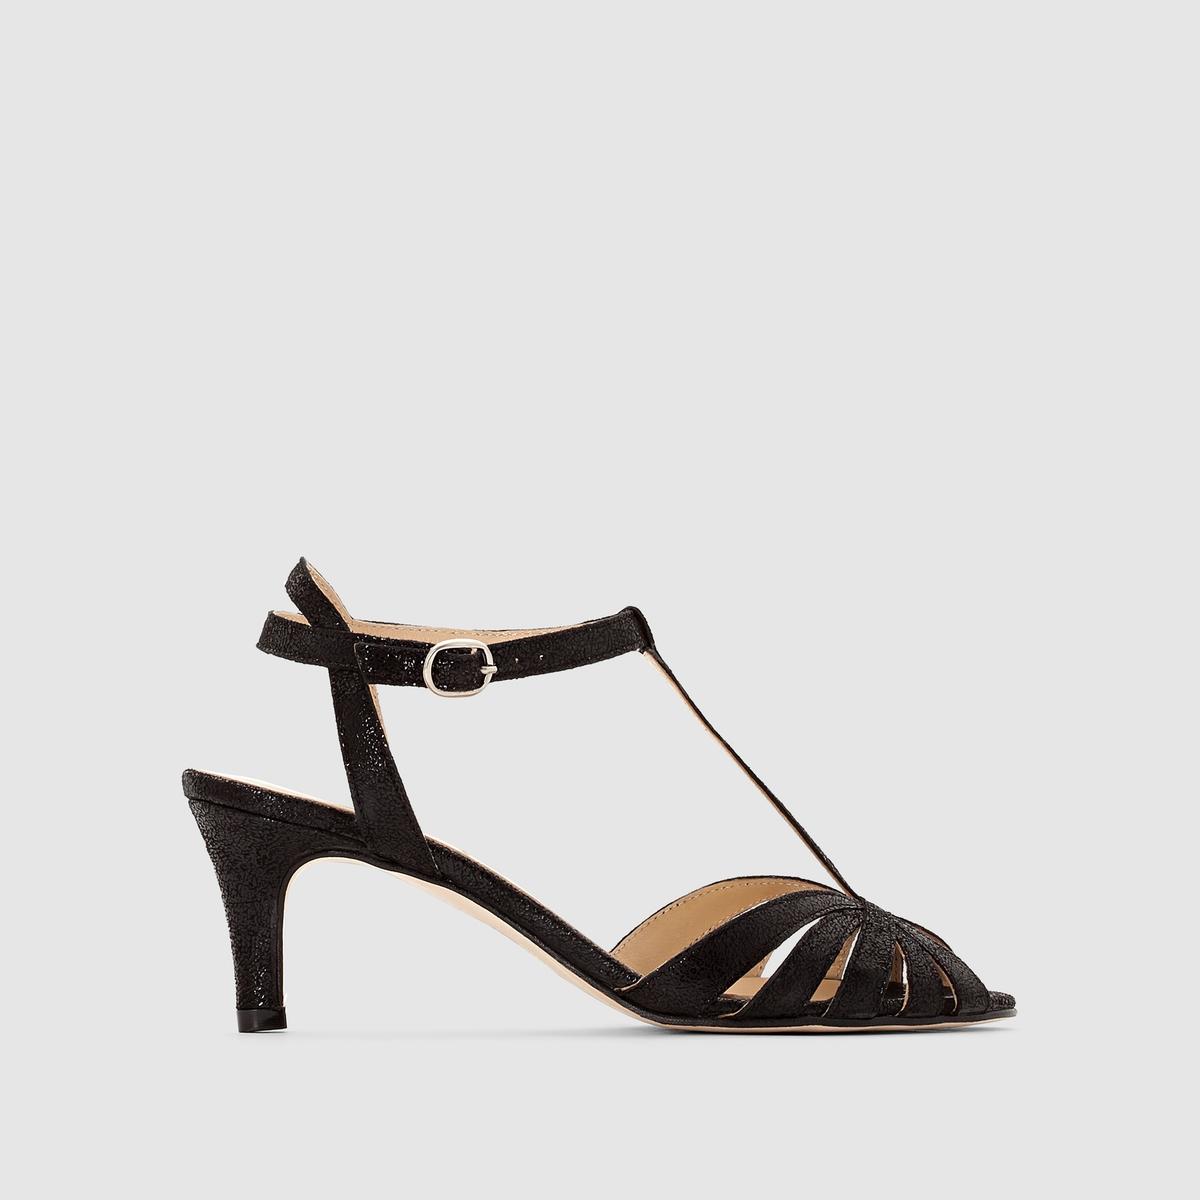 Босоножки из неотделанной велюровой кожи на каблуках JONAKПреимущества: не нужно искать, перед вами босоножки на каблуках из велюровой кожи, которые не оставят вас безразличными благодаря своей боковой пряжке и каблуку необходимой длины для сохранения легендарного комфорта от JONAK.<br><br>Цвет: черный с блеском<br>Размер: 41.37.39